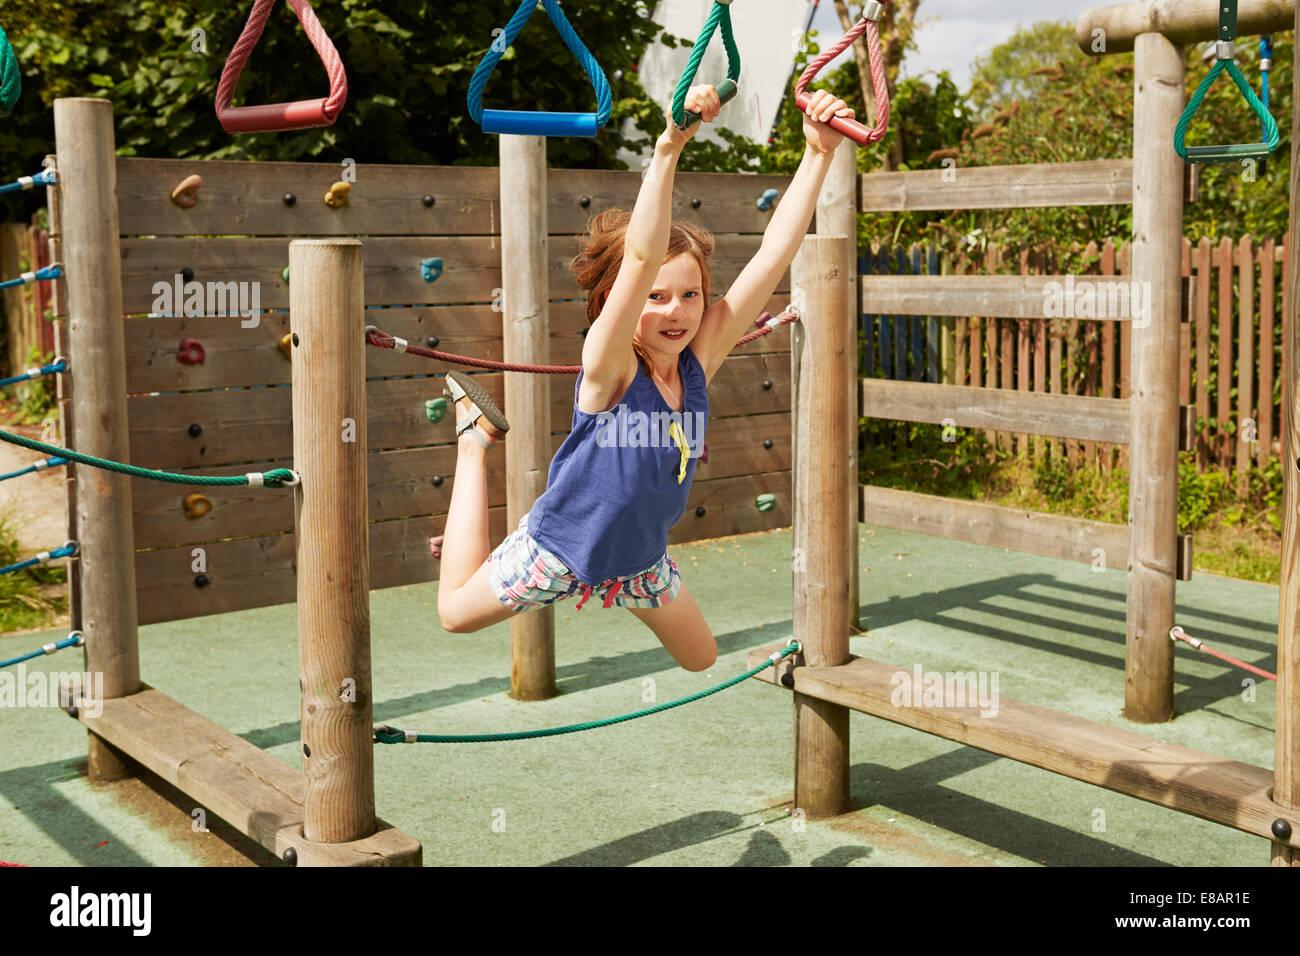 Fille énergique jouant sur des balançoires en aire de jeux Photo Stock